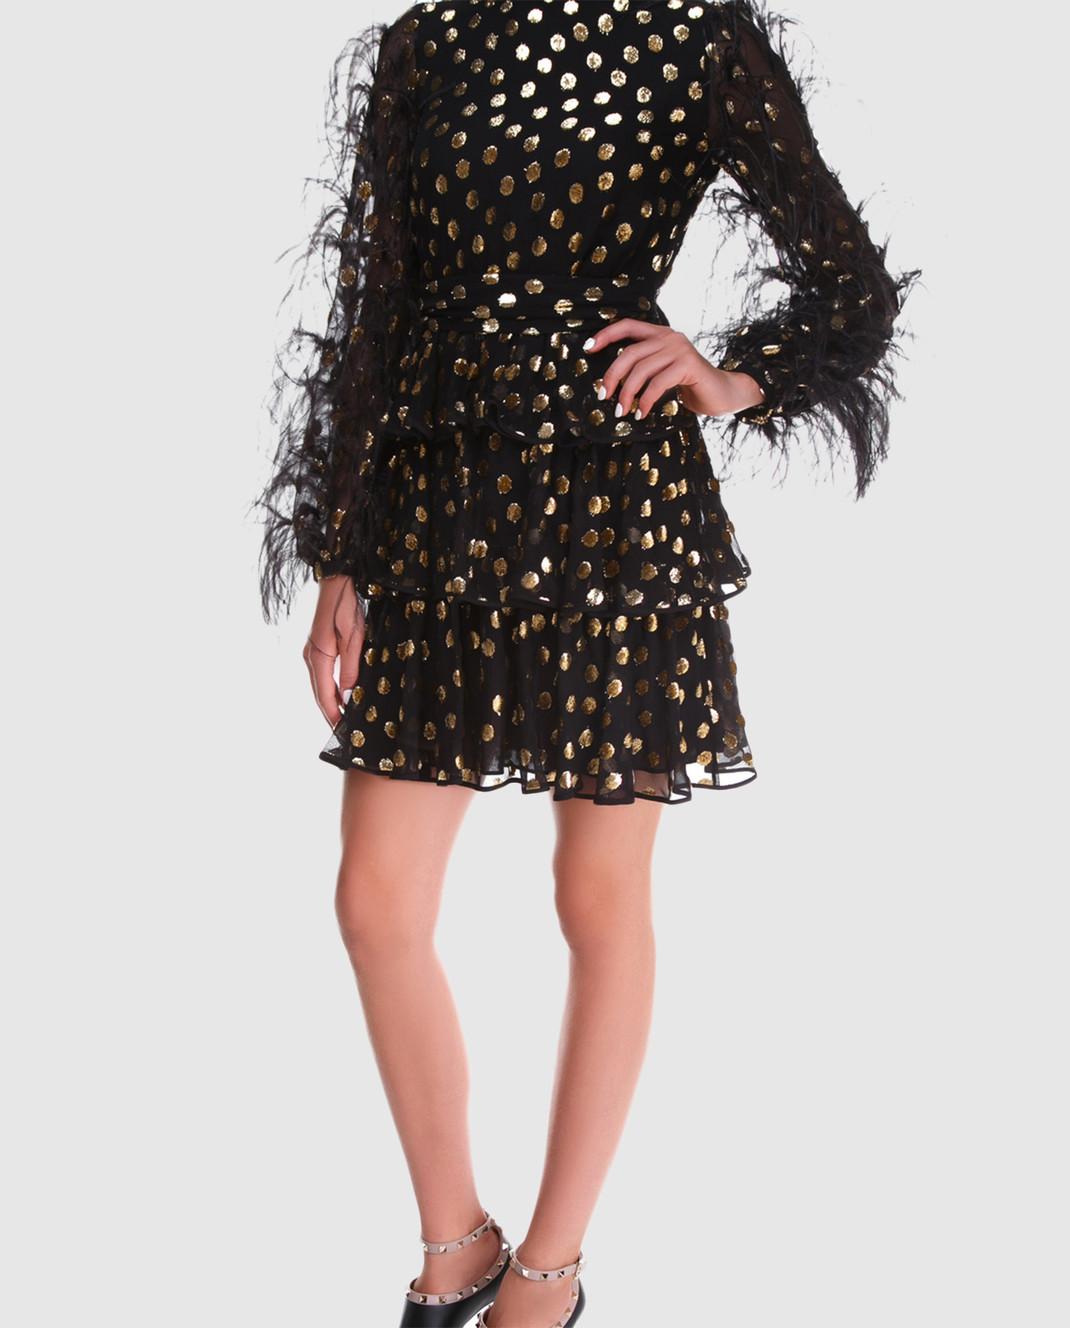 Valentino Черное шифоновое платье QB2VAIK043C изображение 2